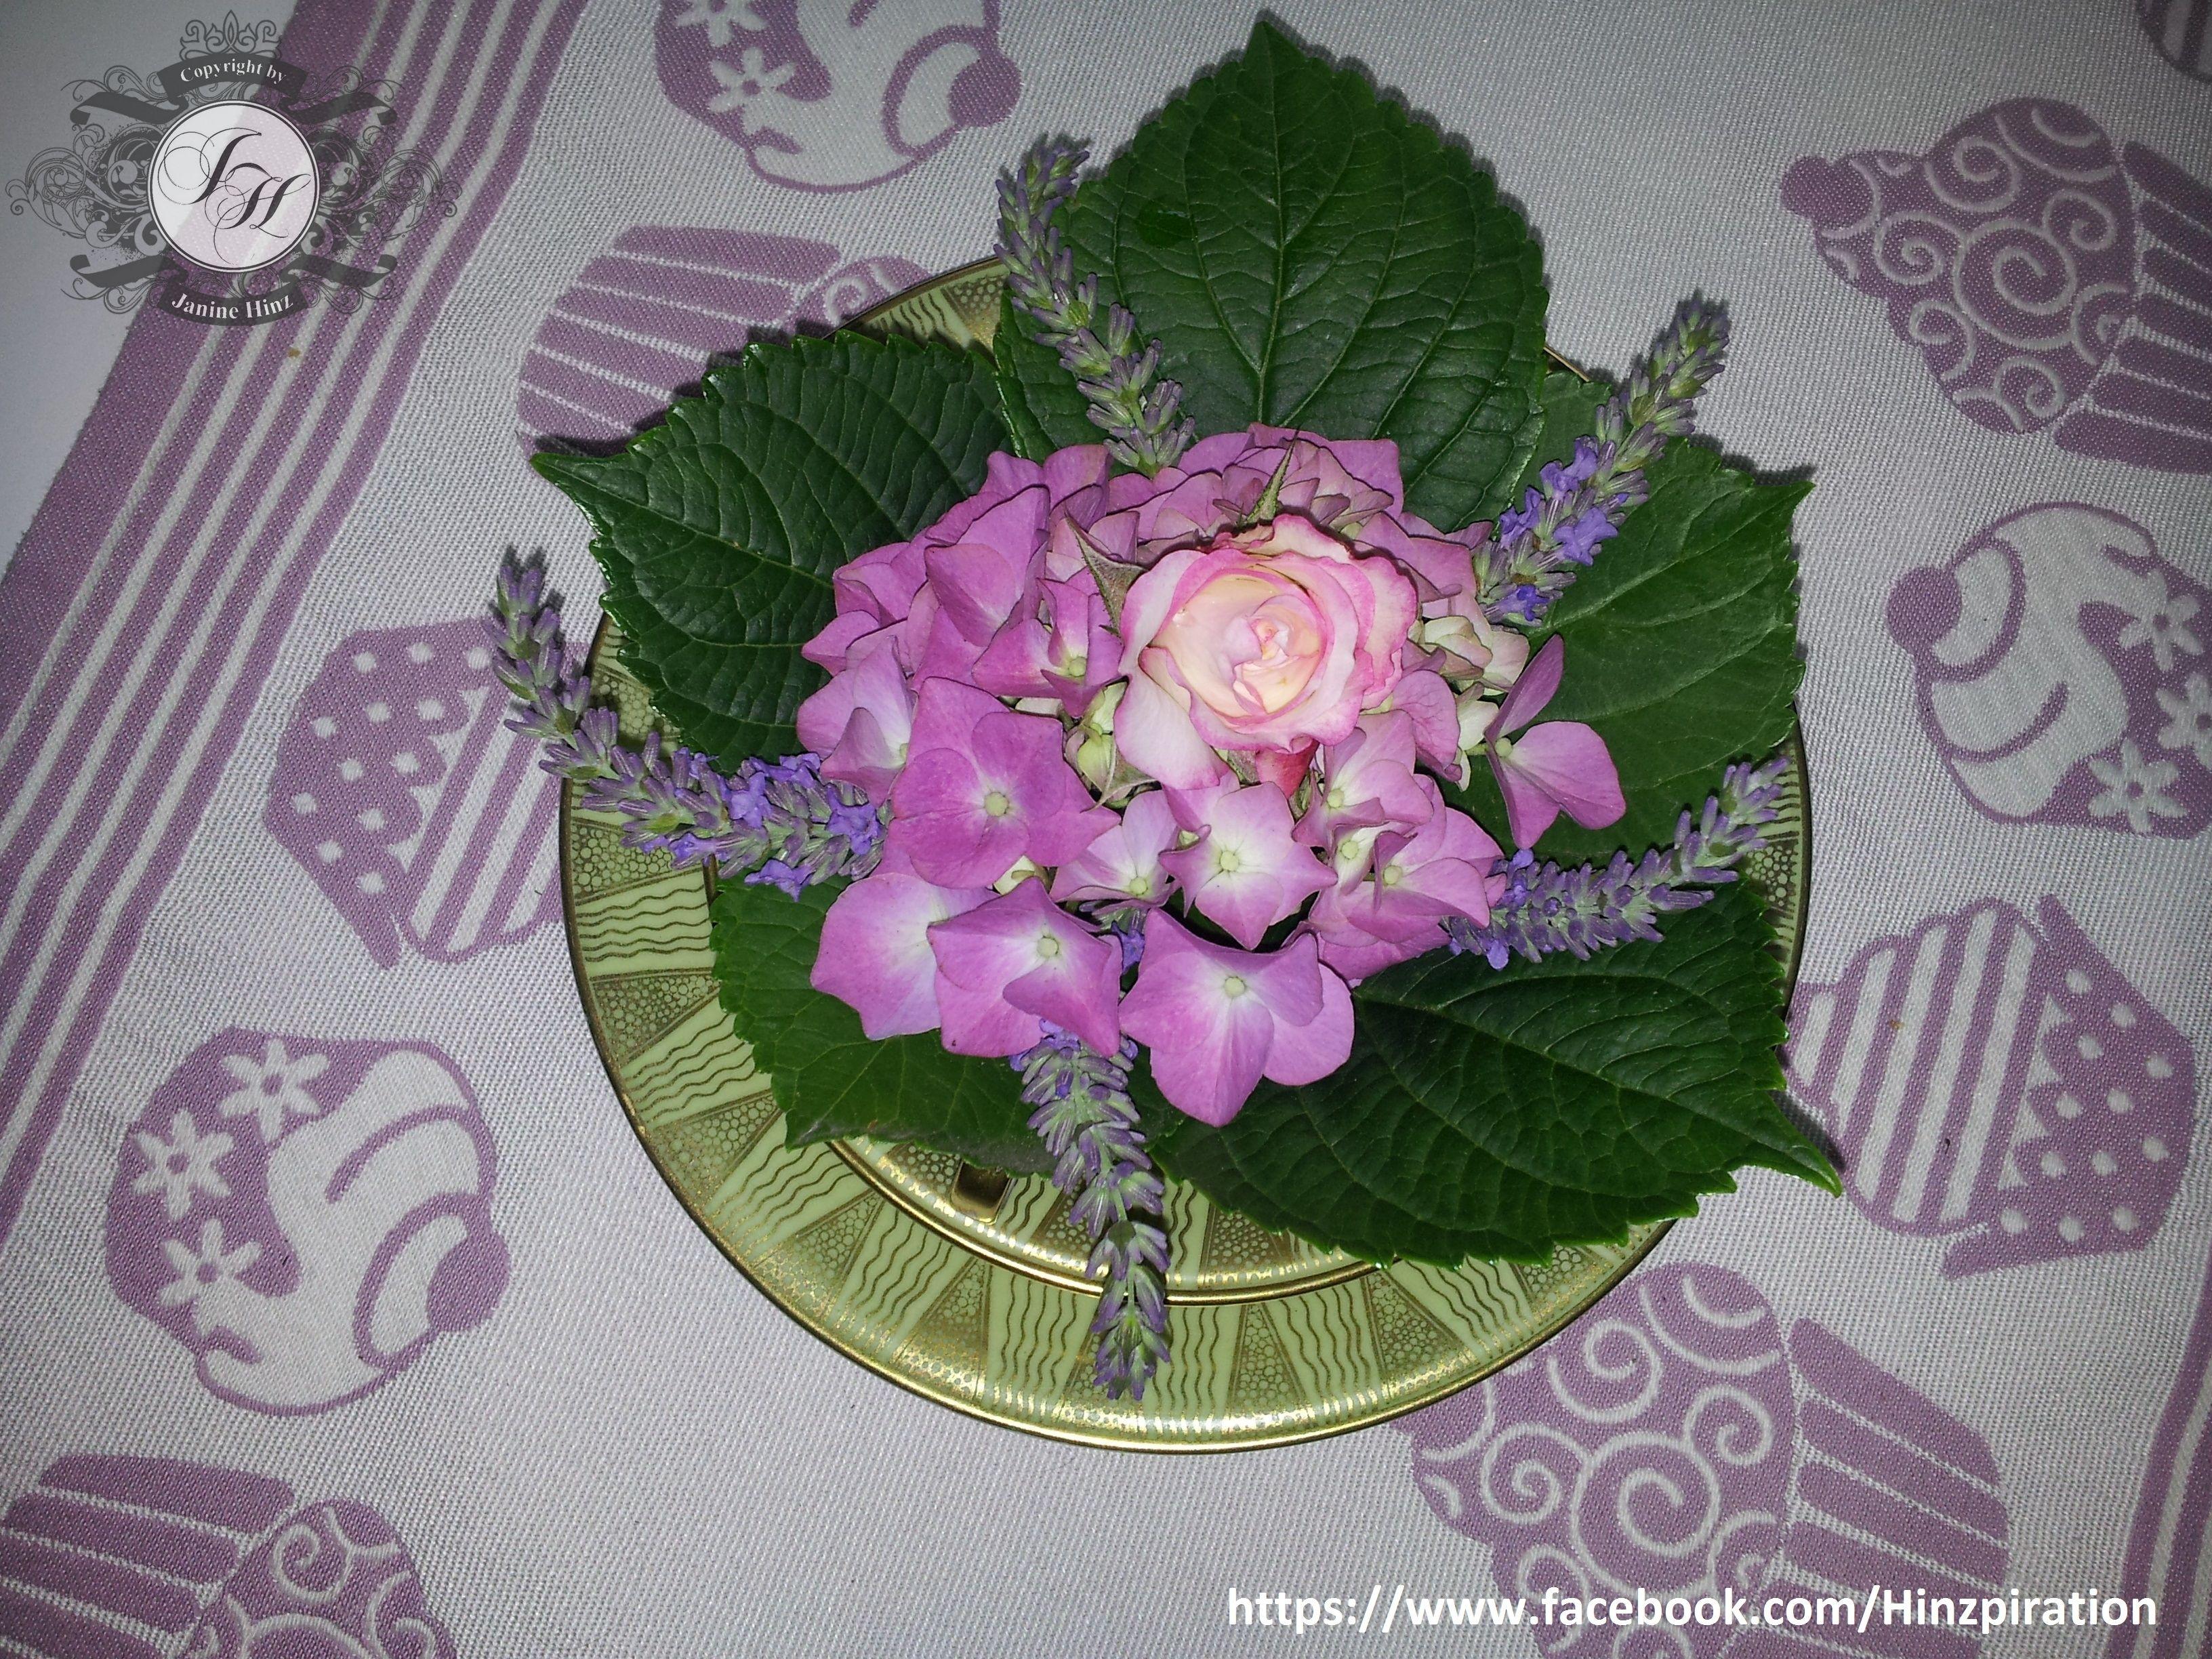 Photo of Hortensie mit Lavendel und Rose in einer Tasse arrangiert.